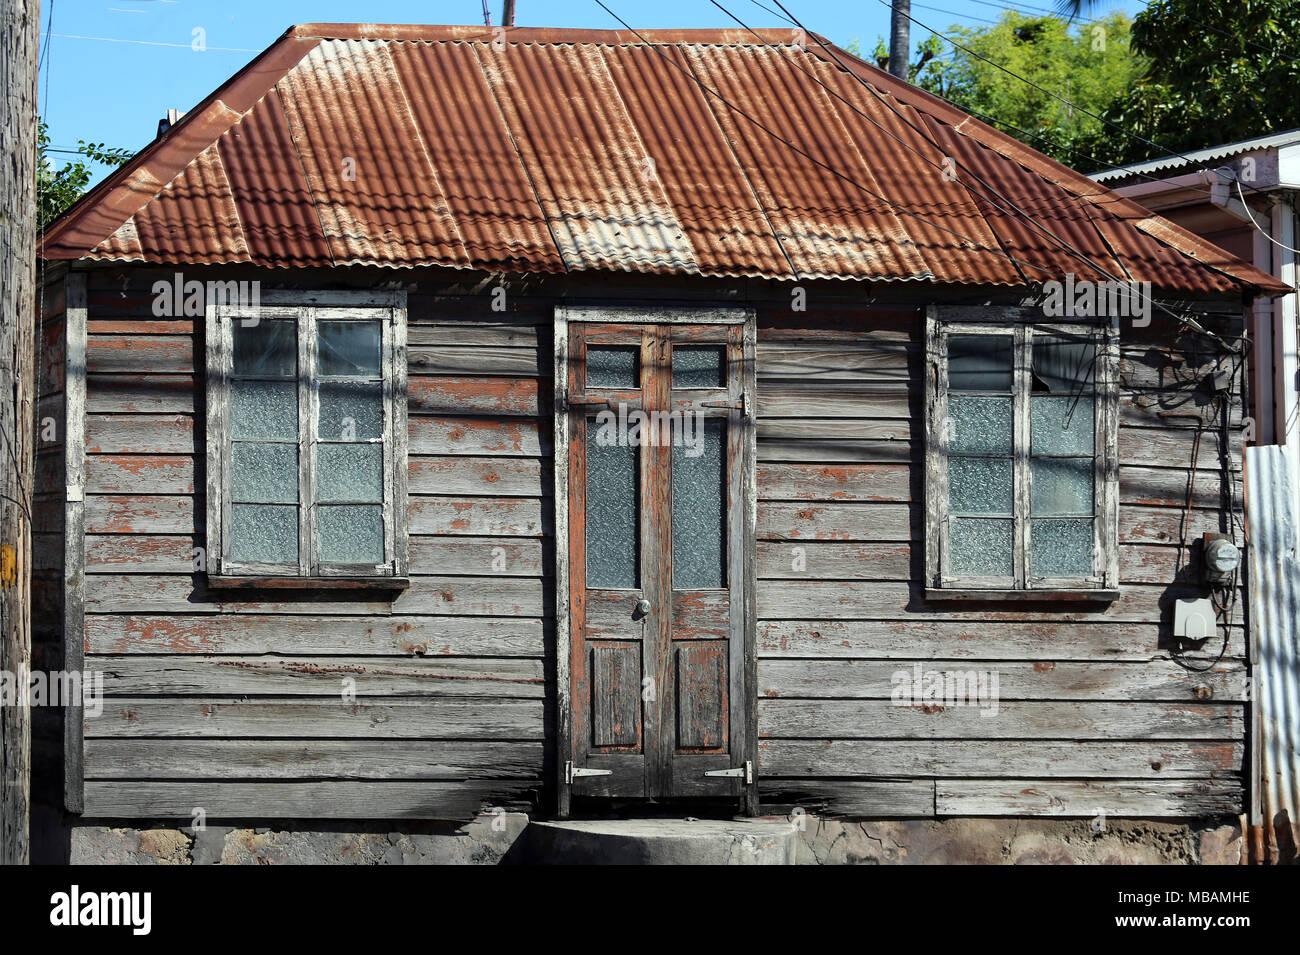 Maison en tole ondul e ventana blog - Maison en tole ondulee ...